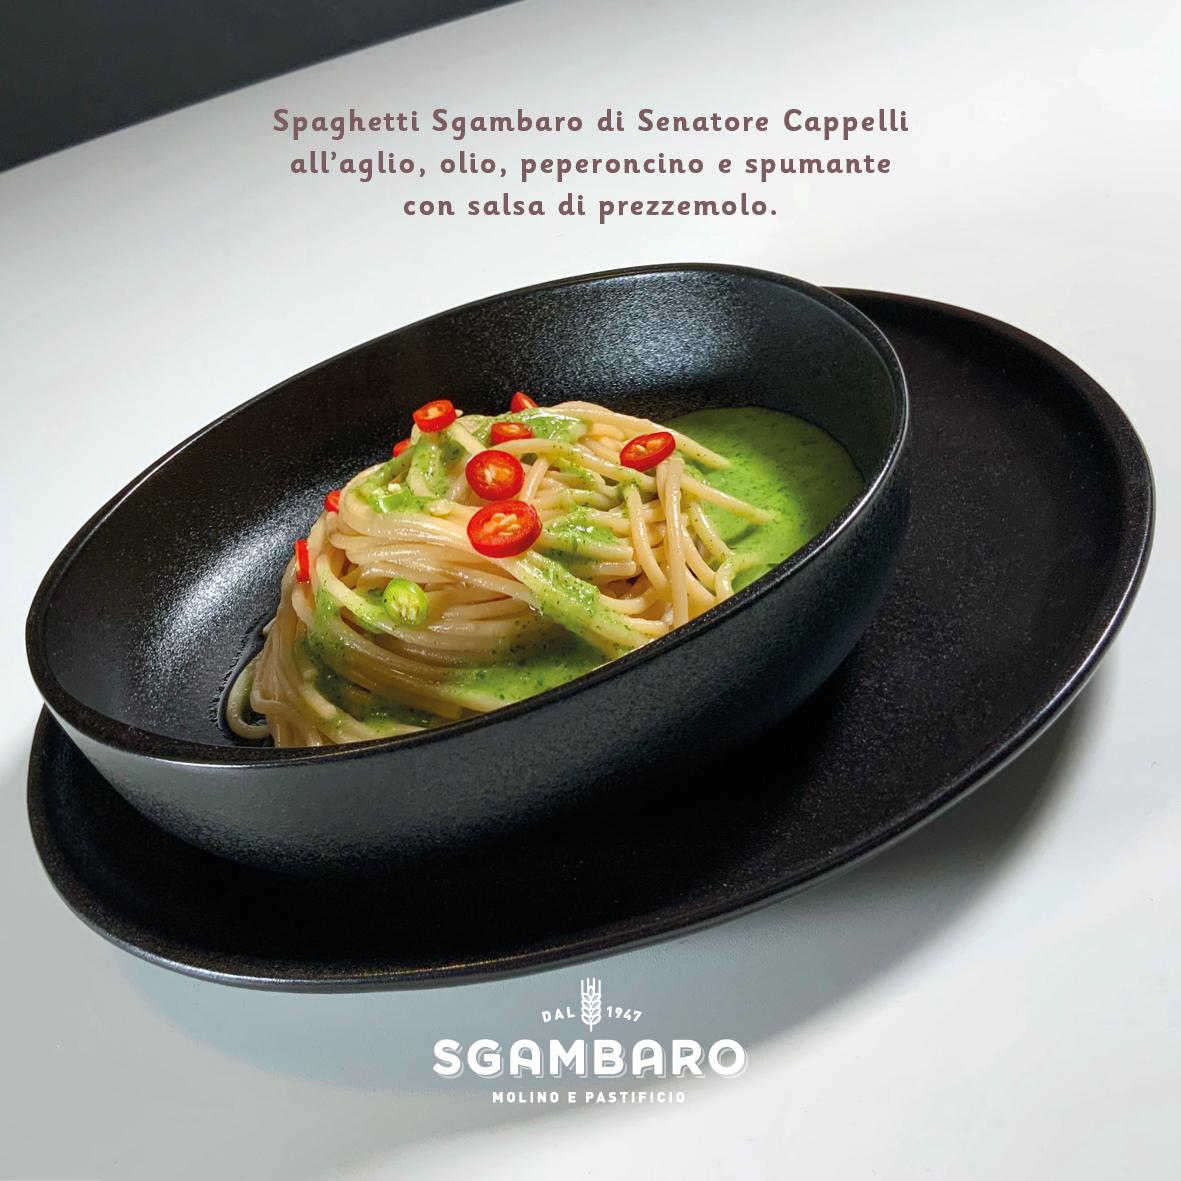 Spaghetti Sgambaro di grano Senatore Cappelli all'aglio, olio, peperoncino e spumante foto ingredienti